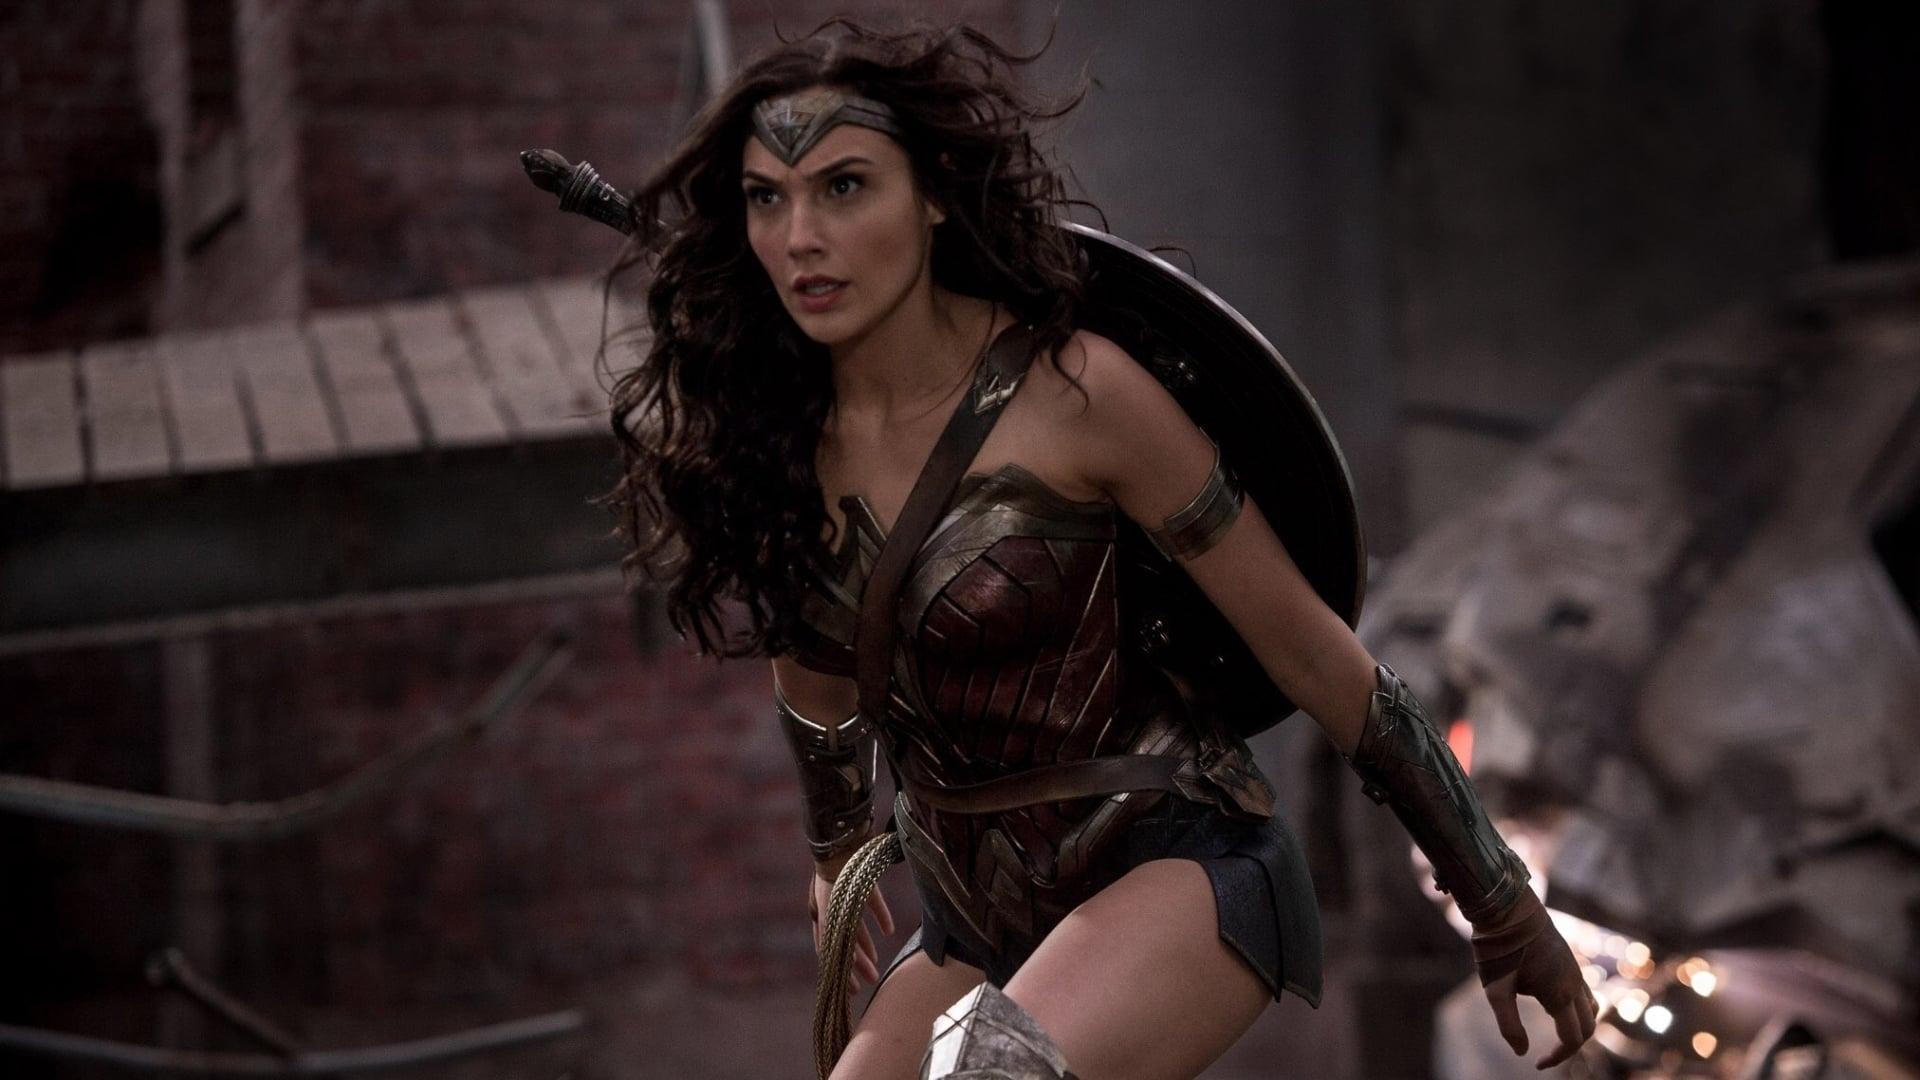 Free Watch Wonder Woman 2017 Movie Online